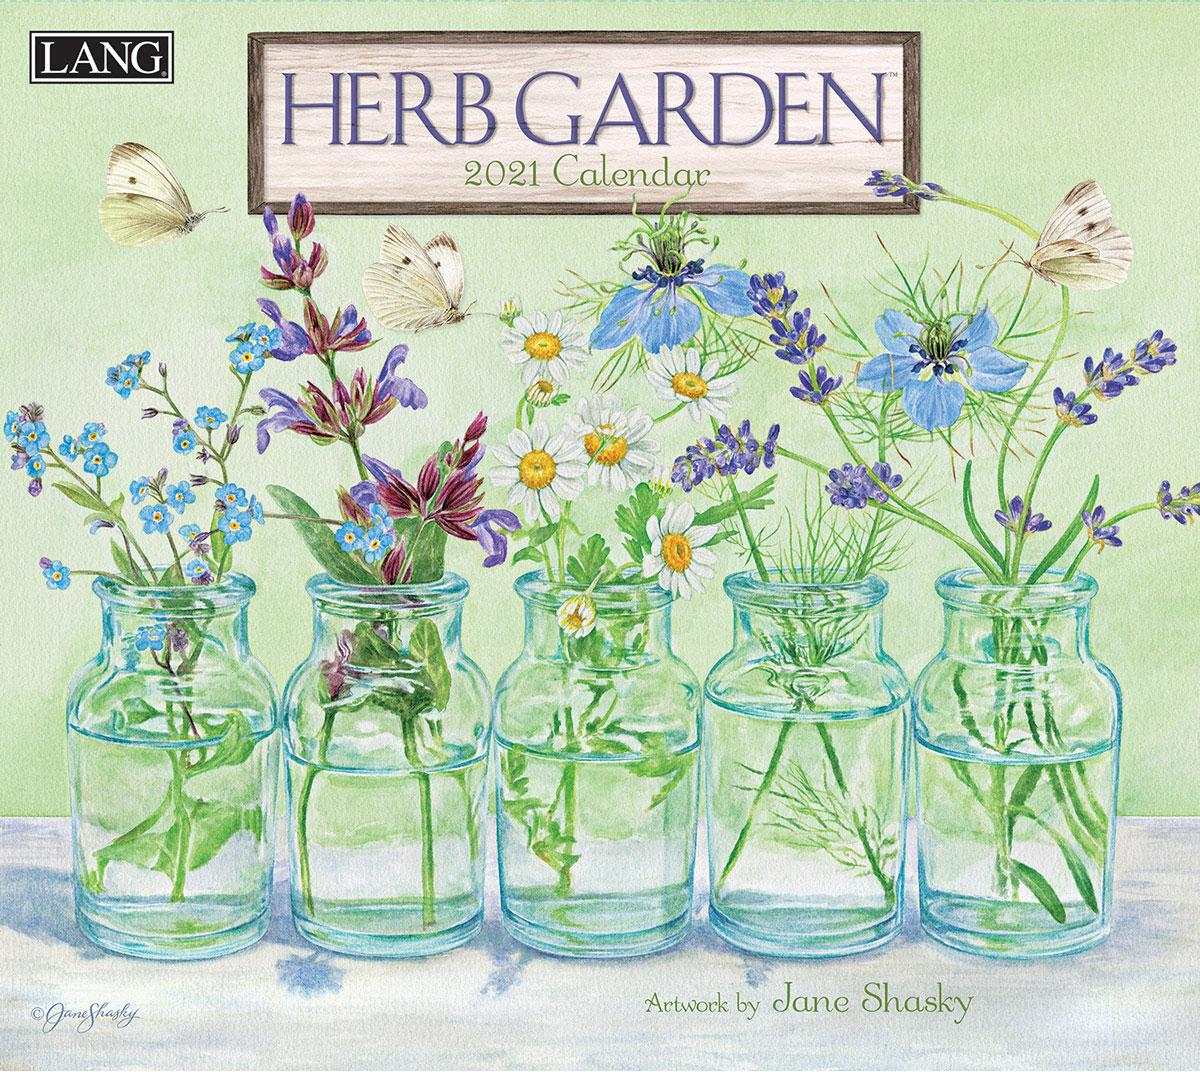 Herb-Garden 2021